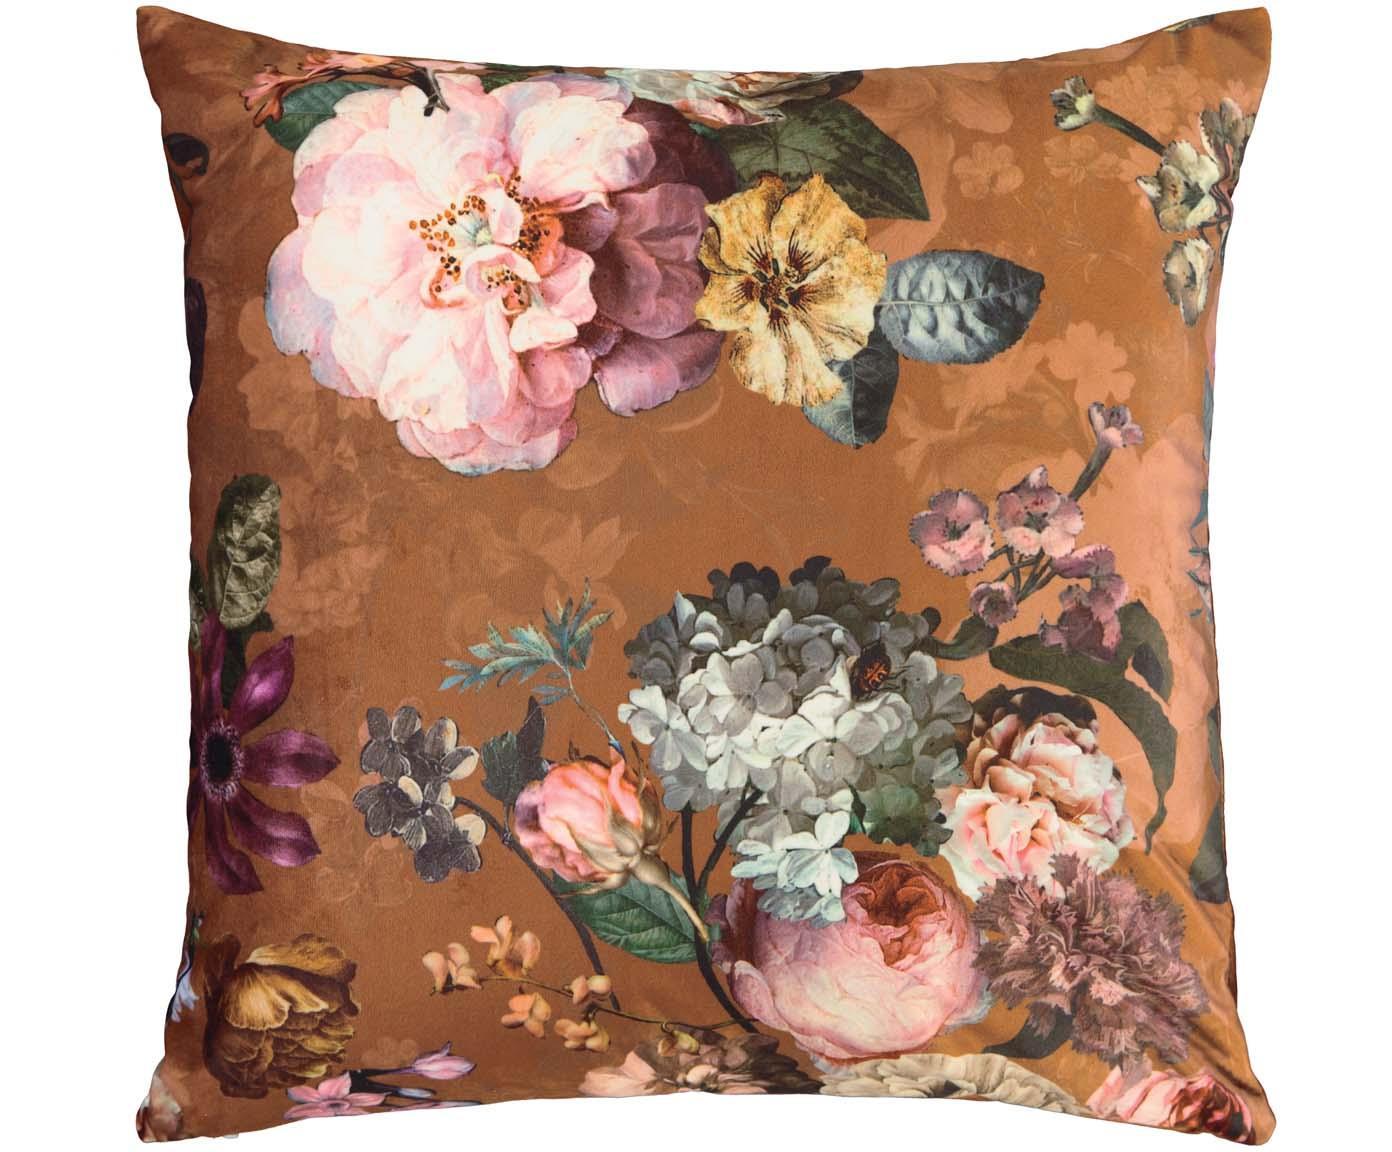 Poduszka z aksamitu z wypełnieniem Fleur, Tapicerka: 100% aksamit poliestrowy, Brązowy, wielobarwny, S 50 x D 50 cm